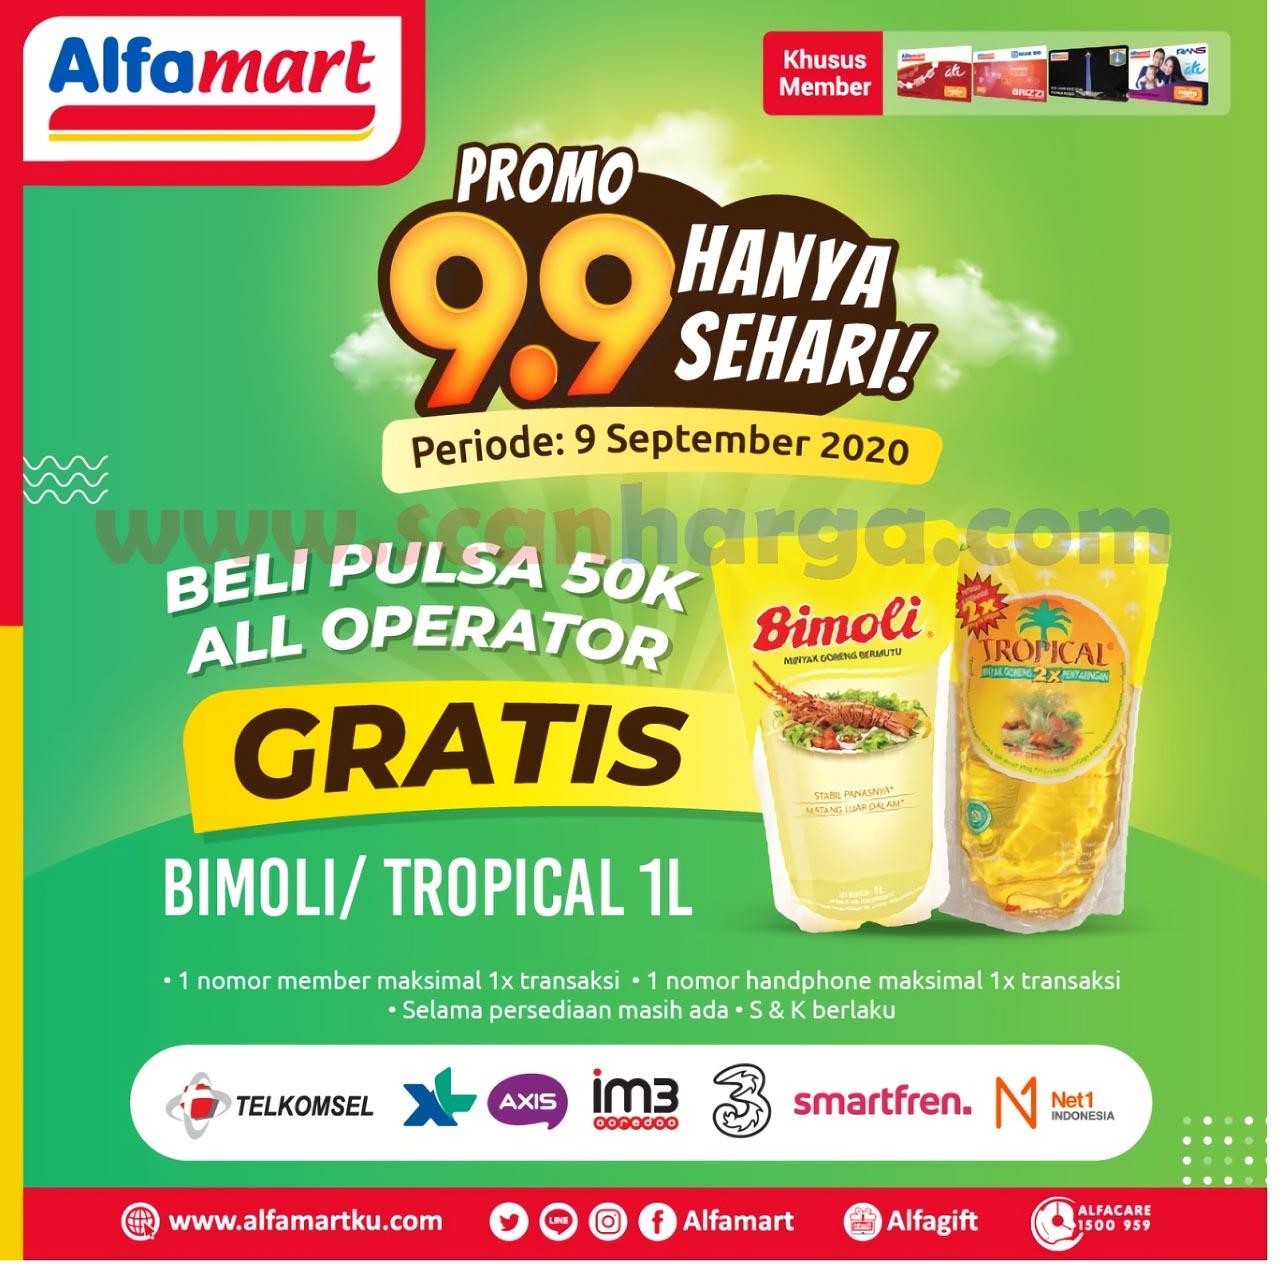 Alfamart Promo 9.9 Hanya Sehari - Beli Pulsa 50K All Operator Gratis Bimoli / Tropical 1 Liter